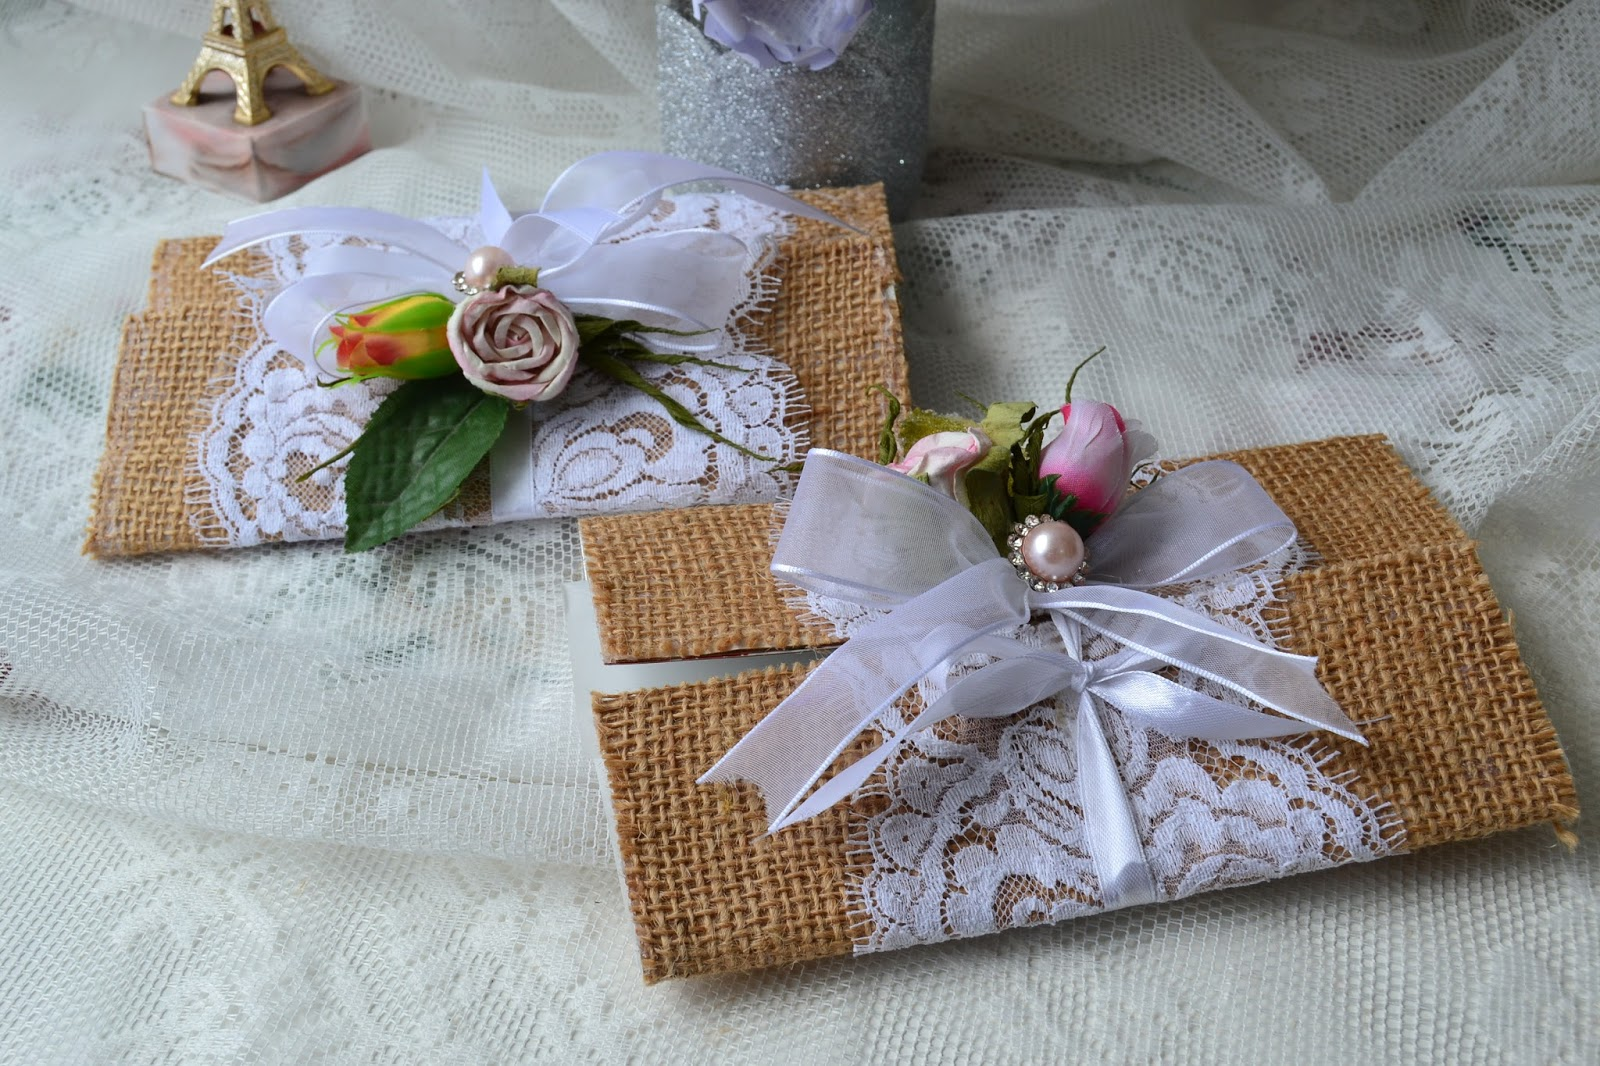 decoracao de casamento que eu posso fazer:Como fazer convites de casamento rustico com caixa de leite e juta ♥